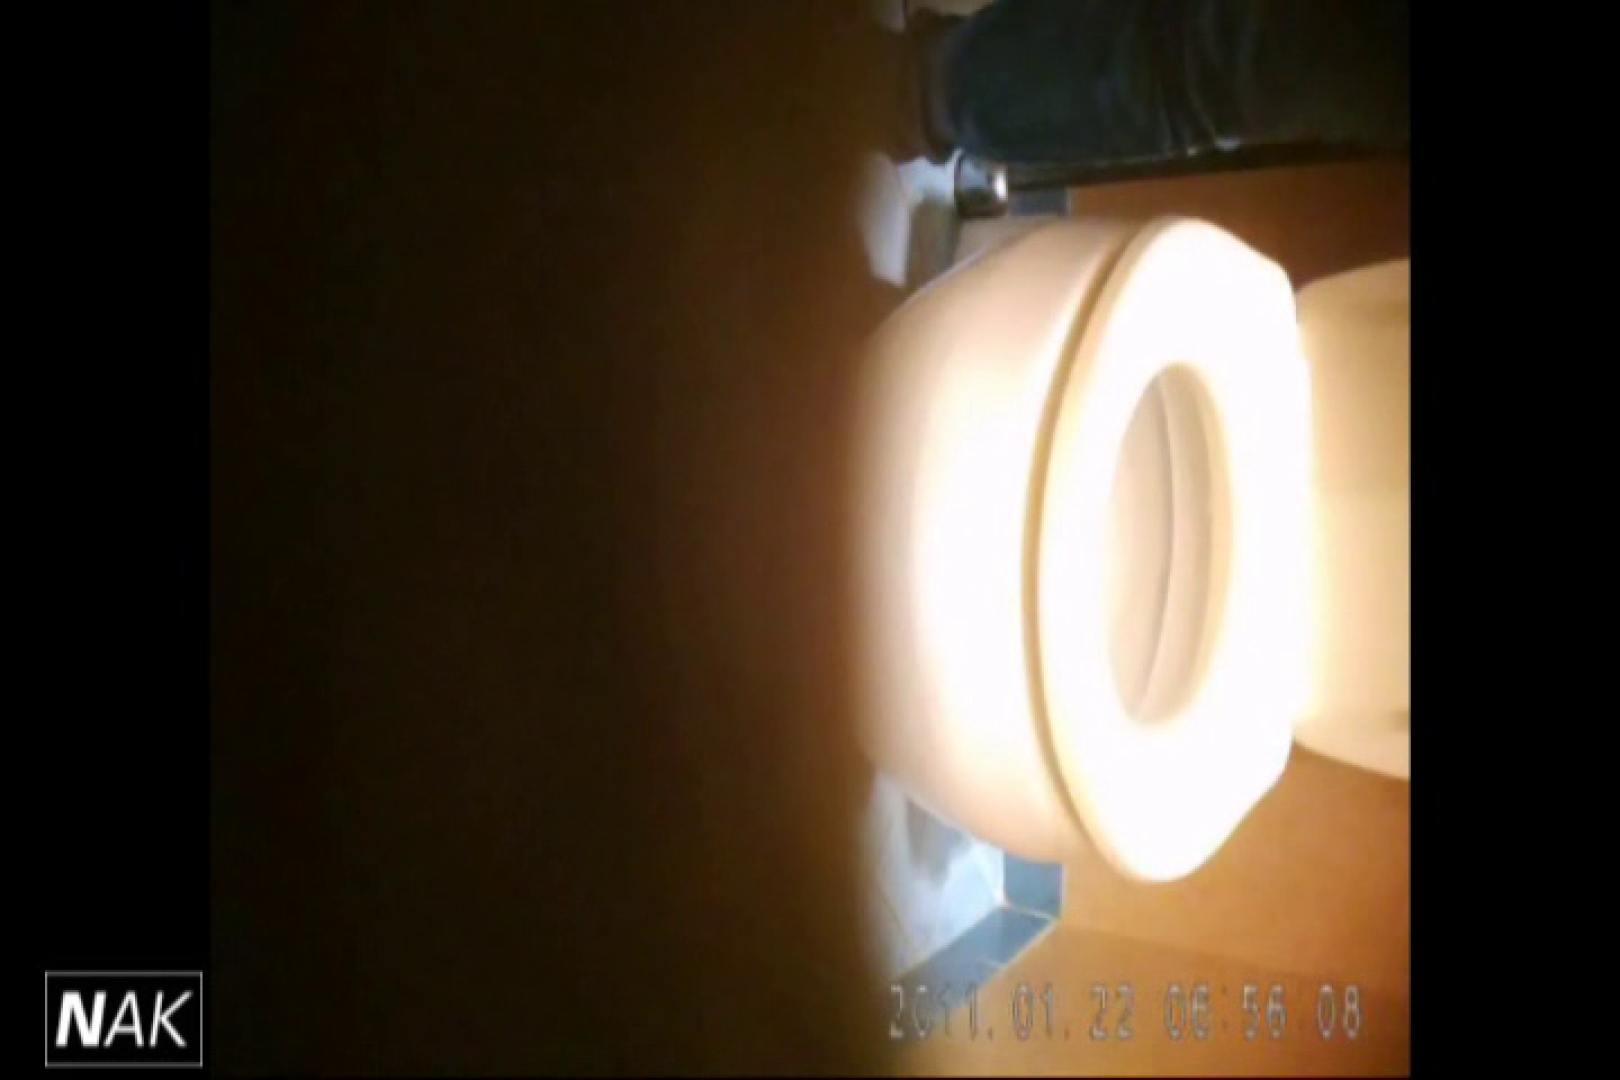 せん八さんの厠観察日記!2点監視カメラ 高画質5000K vol.10 OLセックス  67画像 20